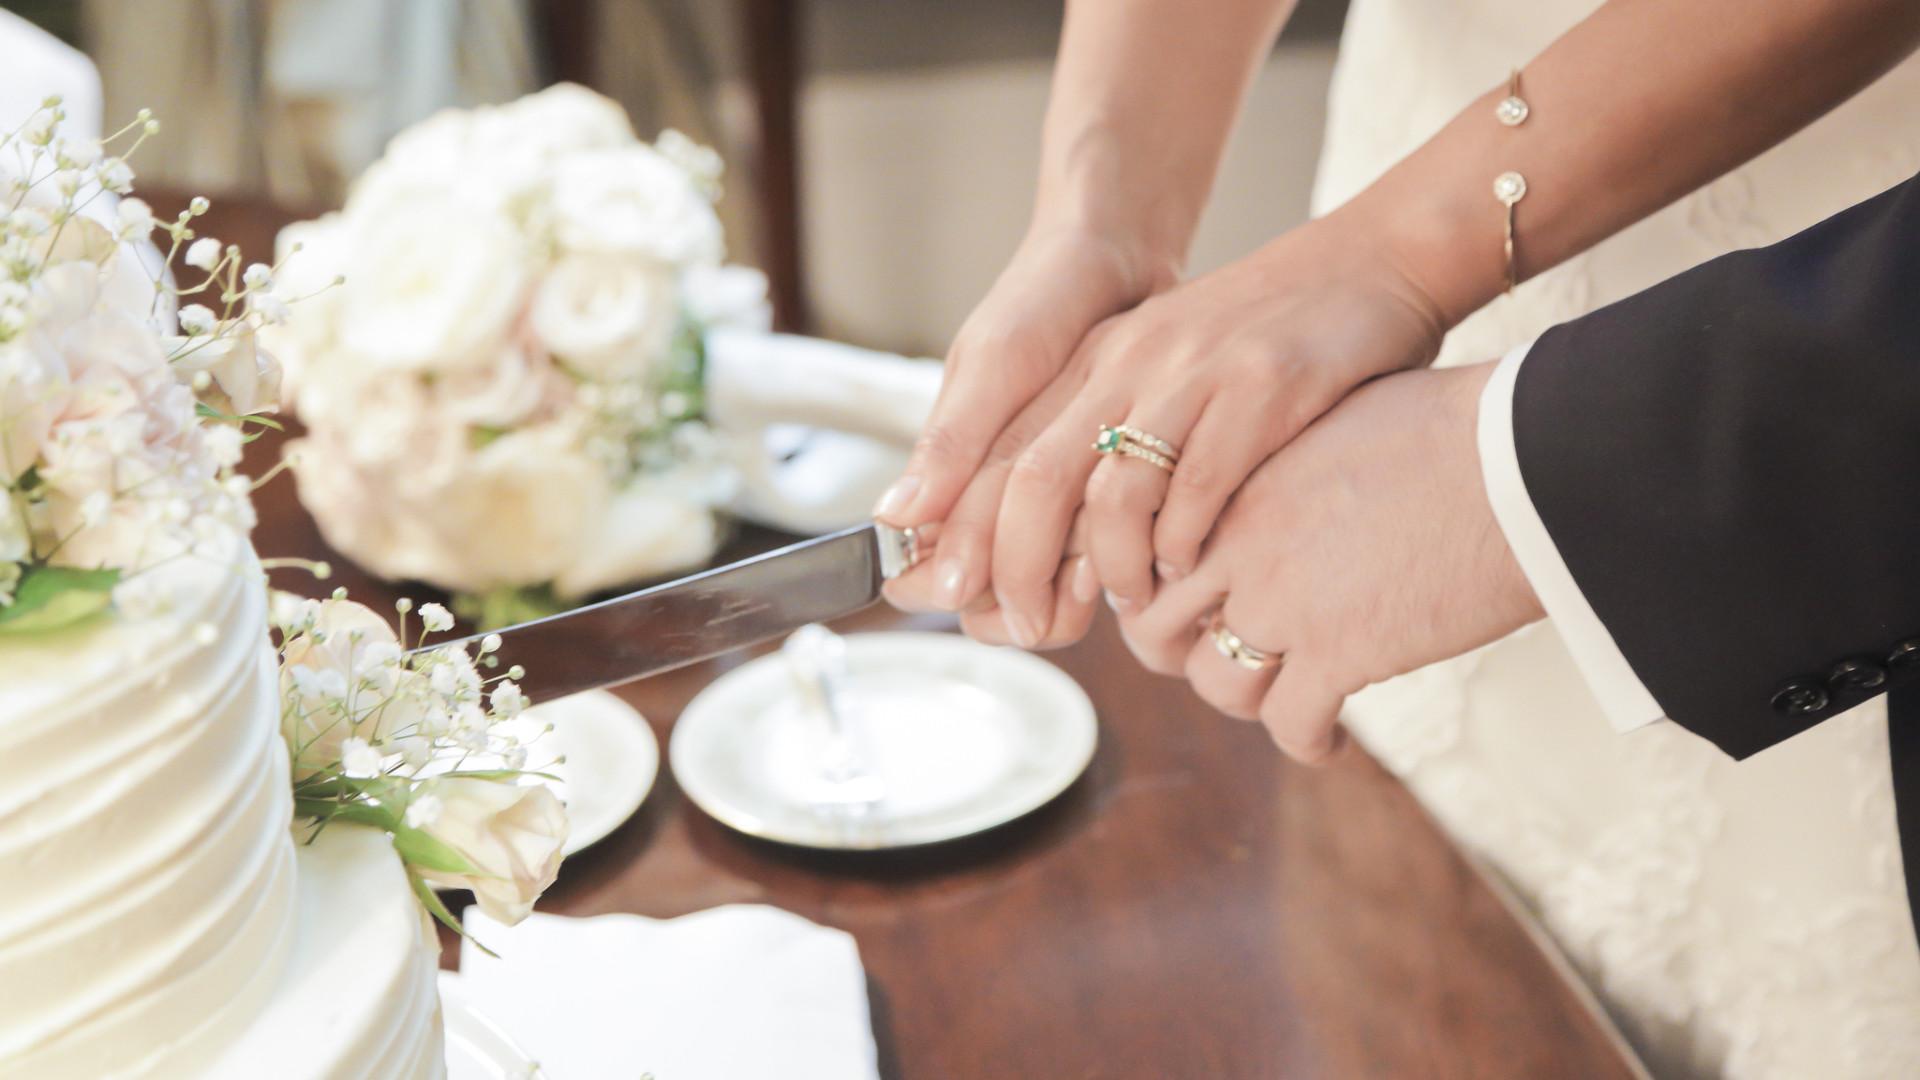 O corte do bolo no casamento é uma tradição antiga. Sabe o que significa?